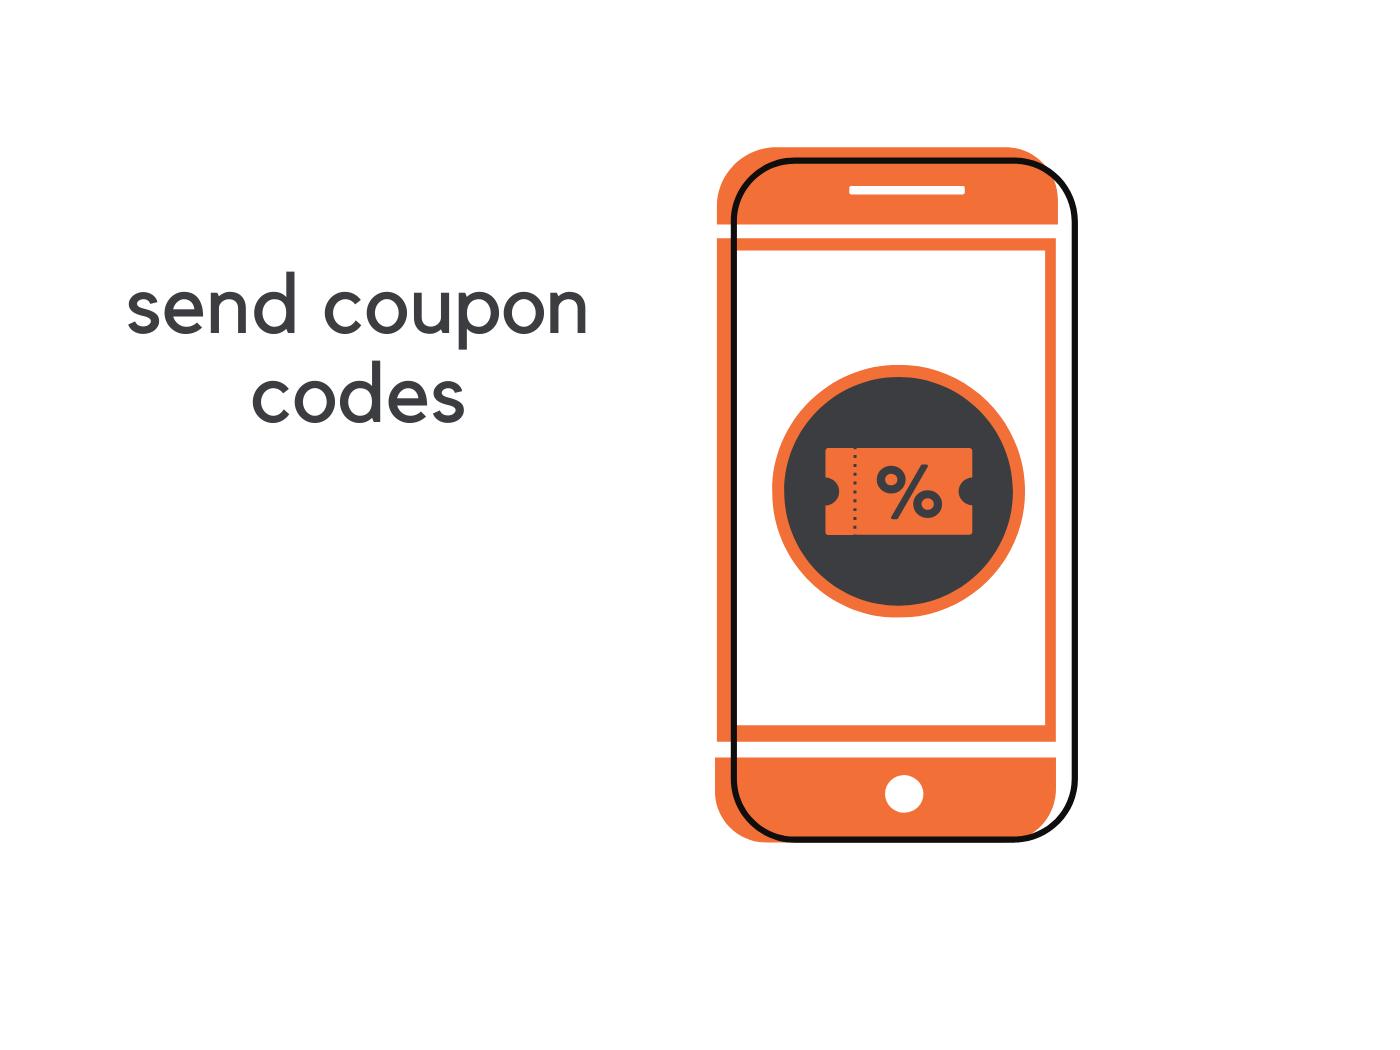 Send coupon codes chatbot demo